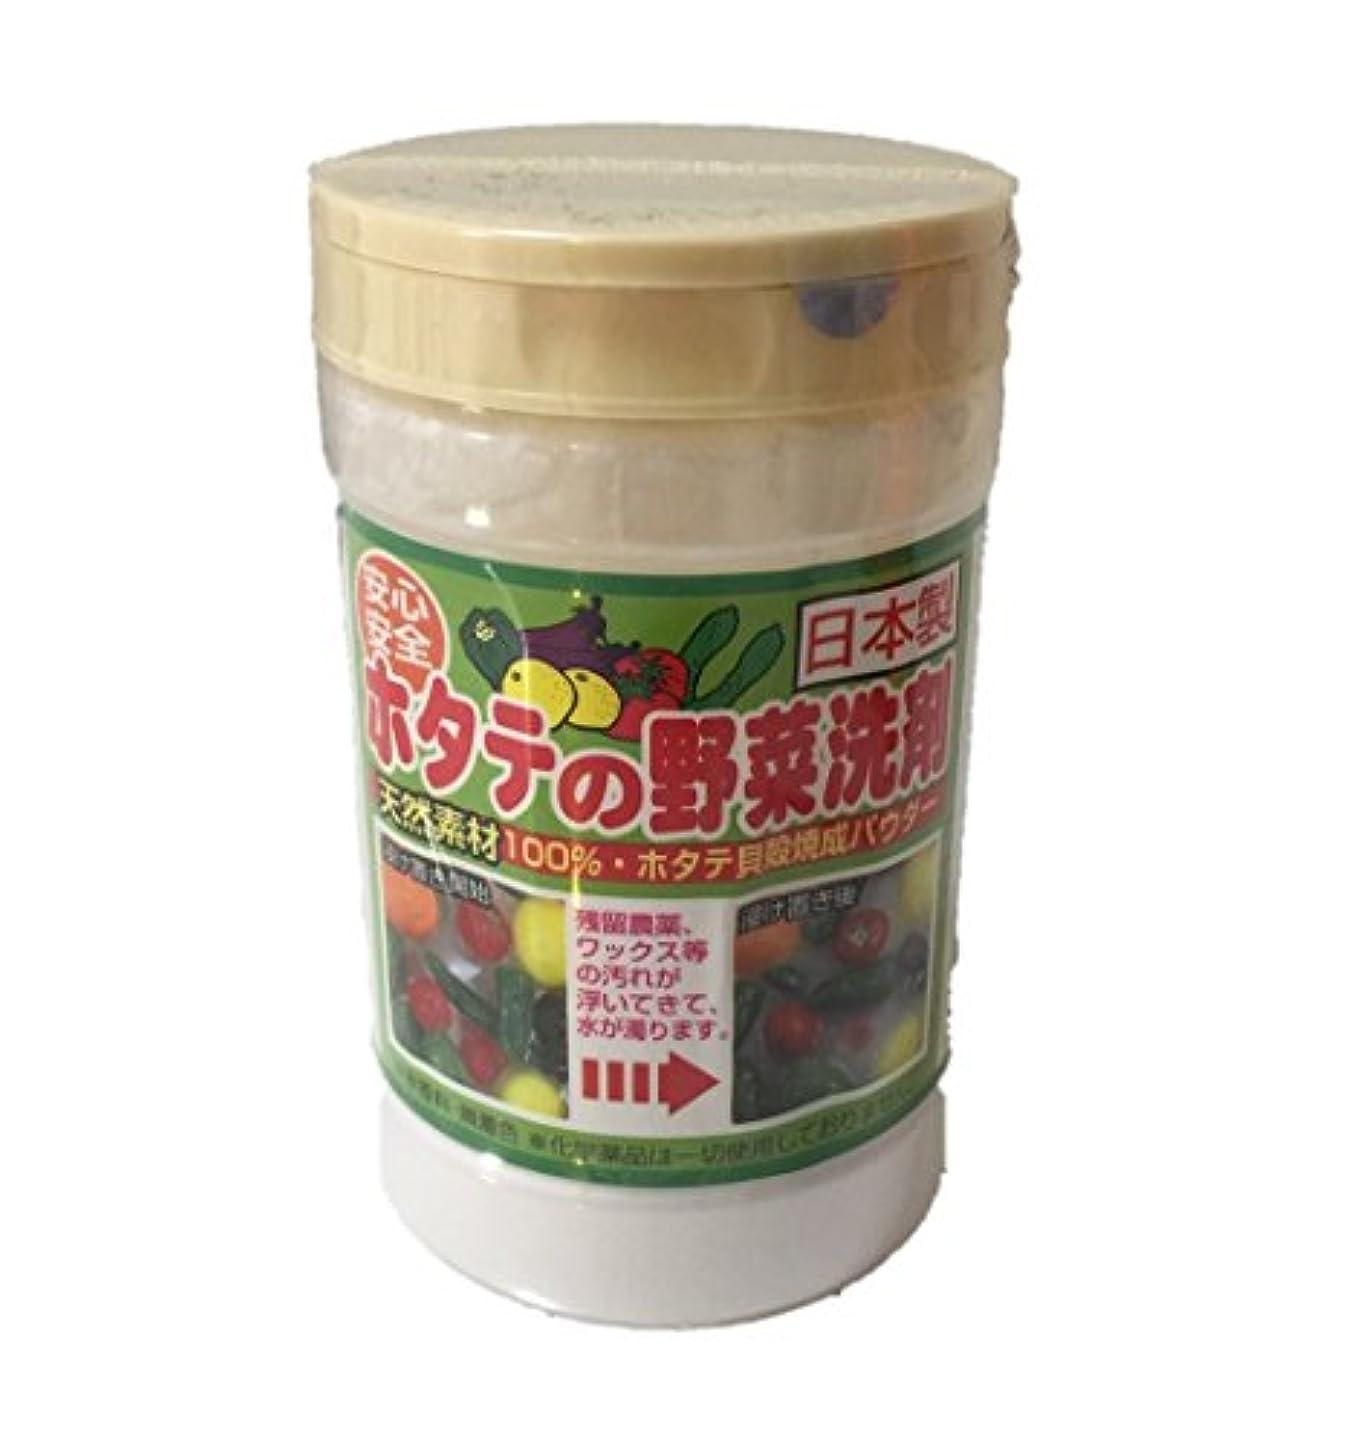 洪水支払い入浴ホタテの野菜洗剤 100g 100%ほたて貝殻焼成パウダー